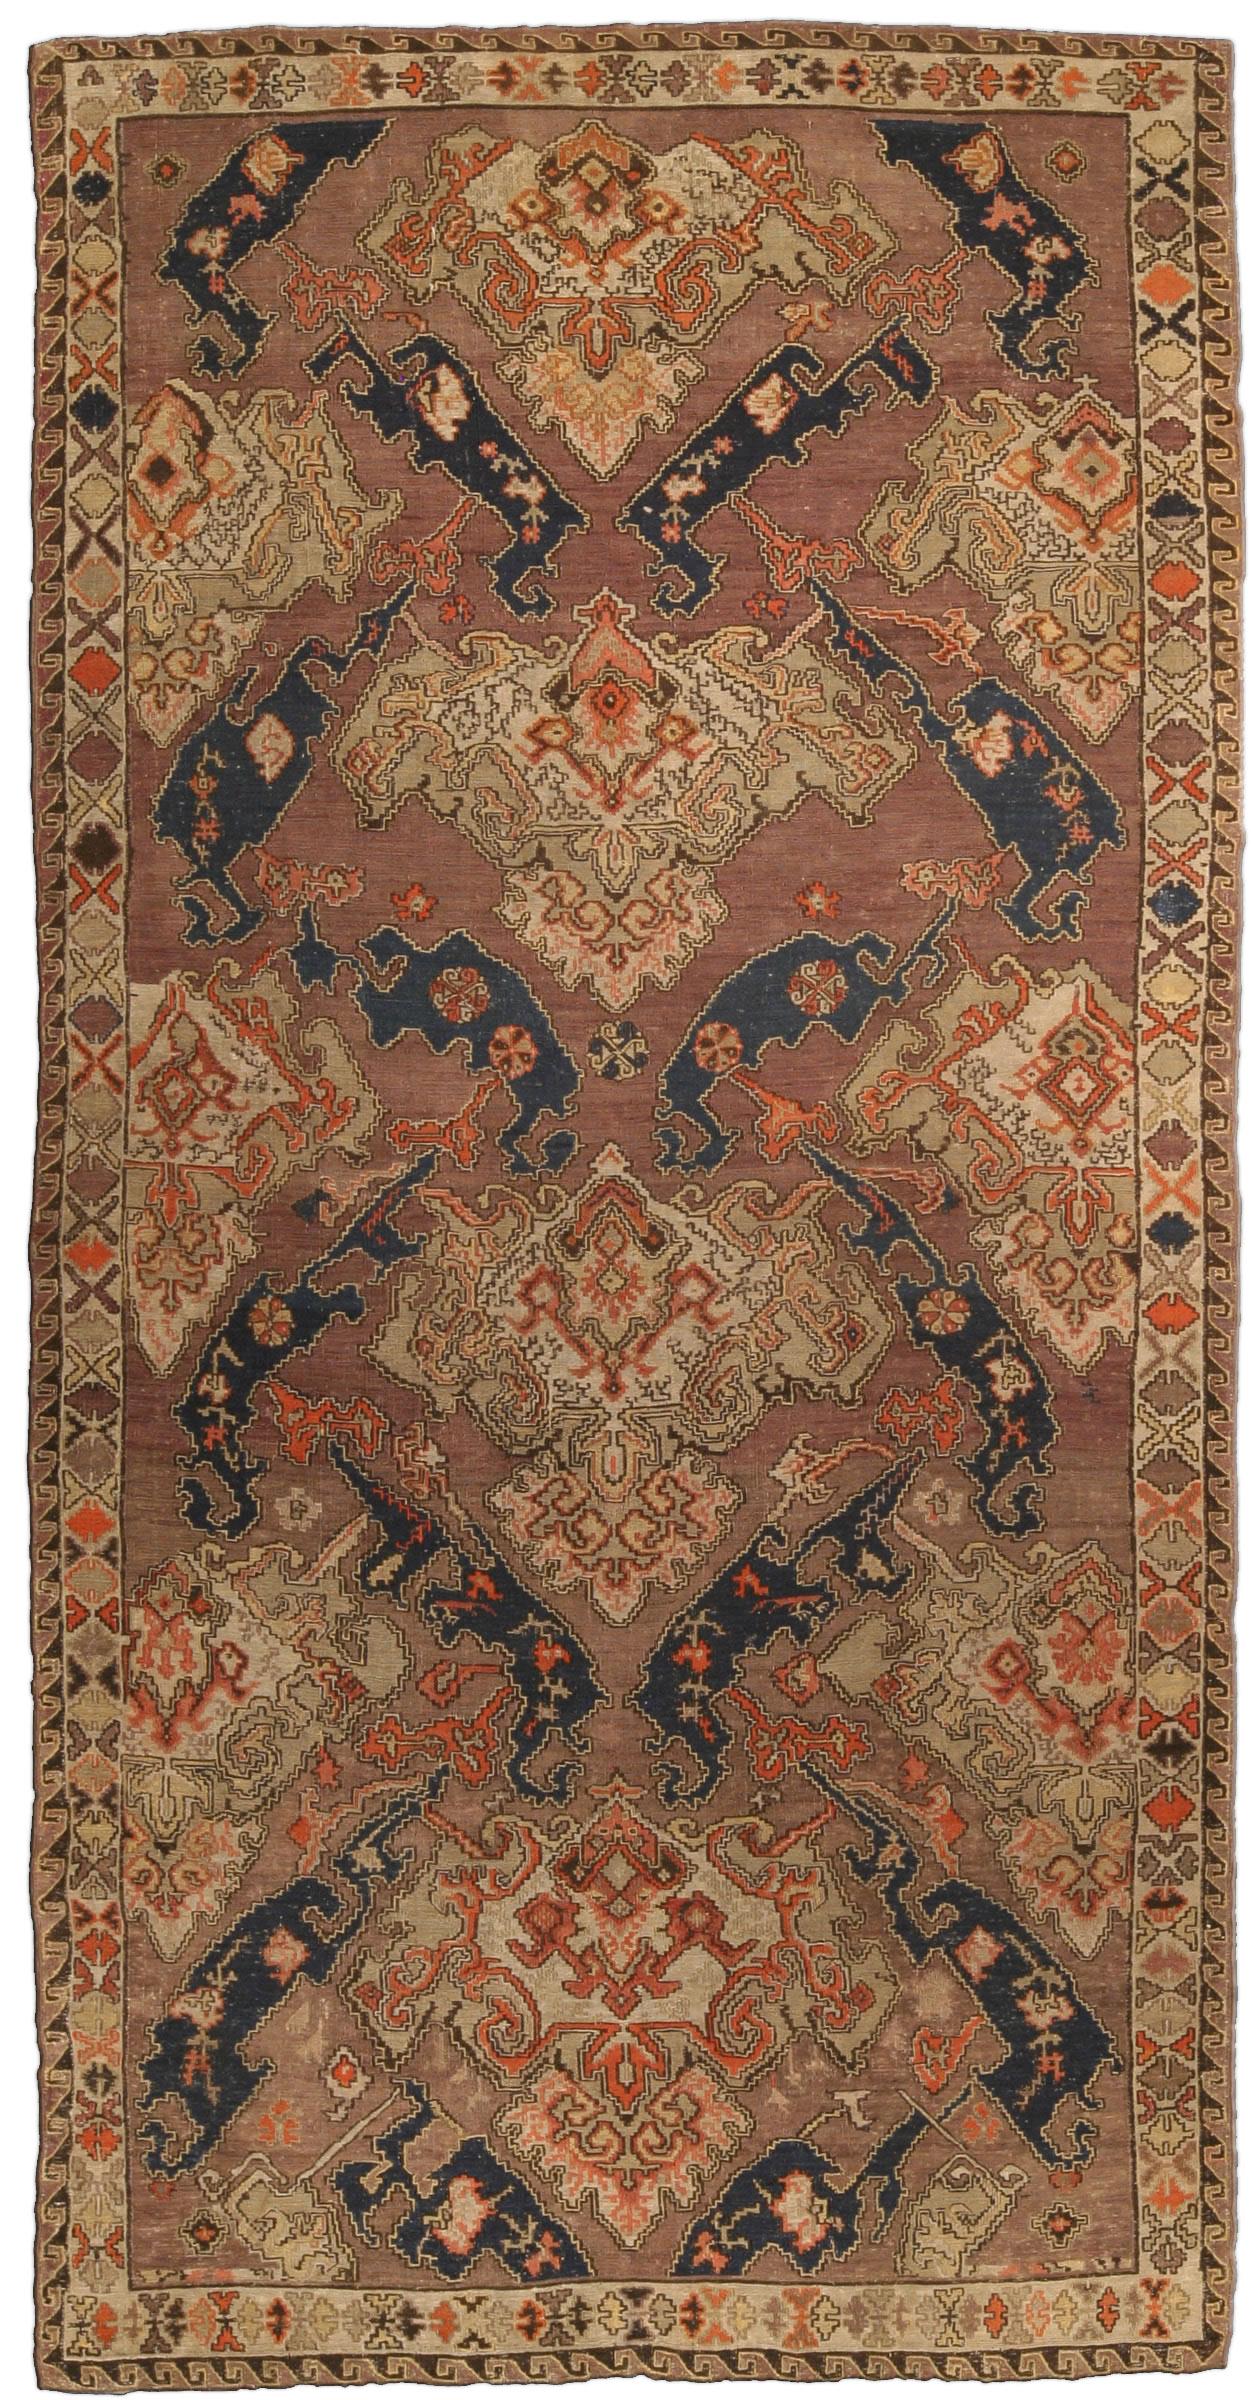 Antique Russian Kilim Carpet Bb4287 By Doris Leslie Blau